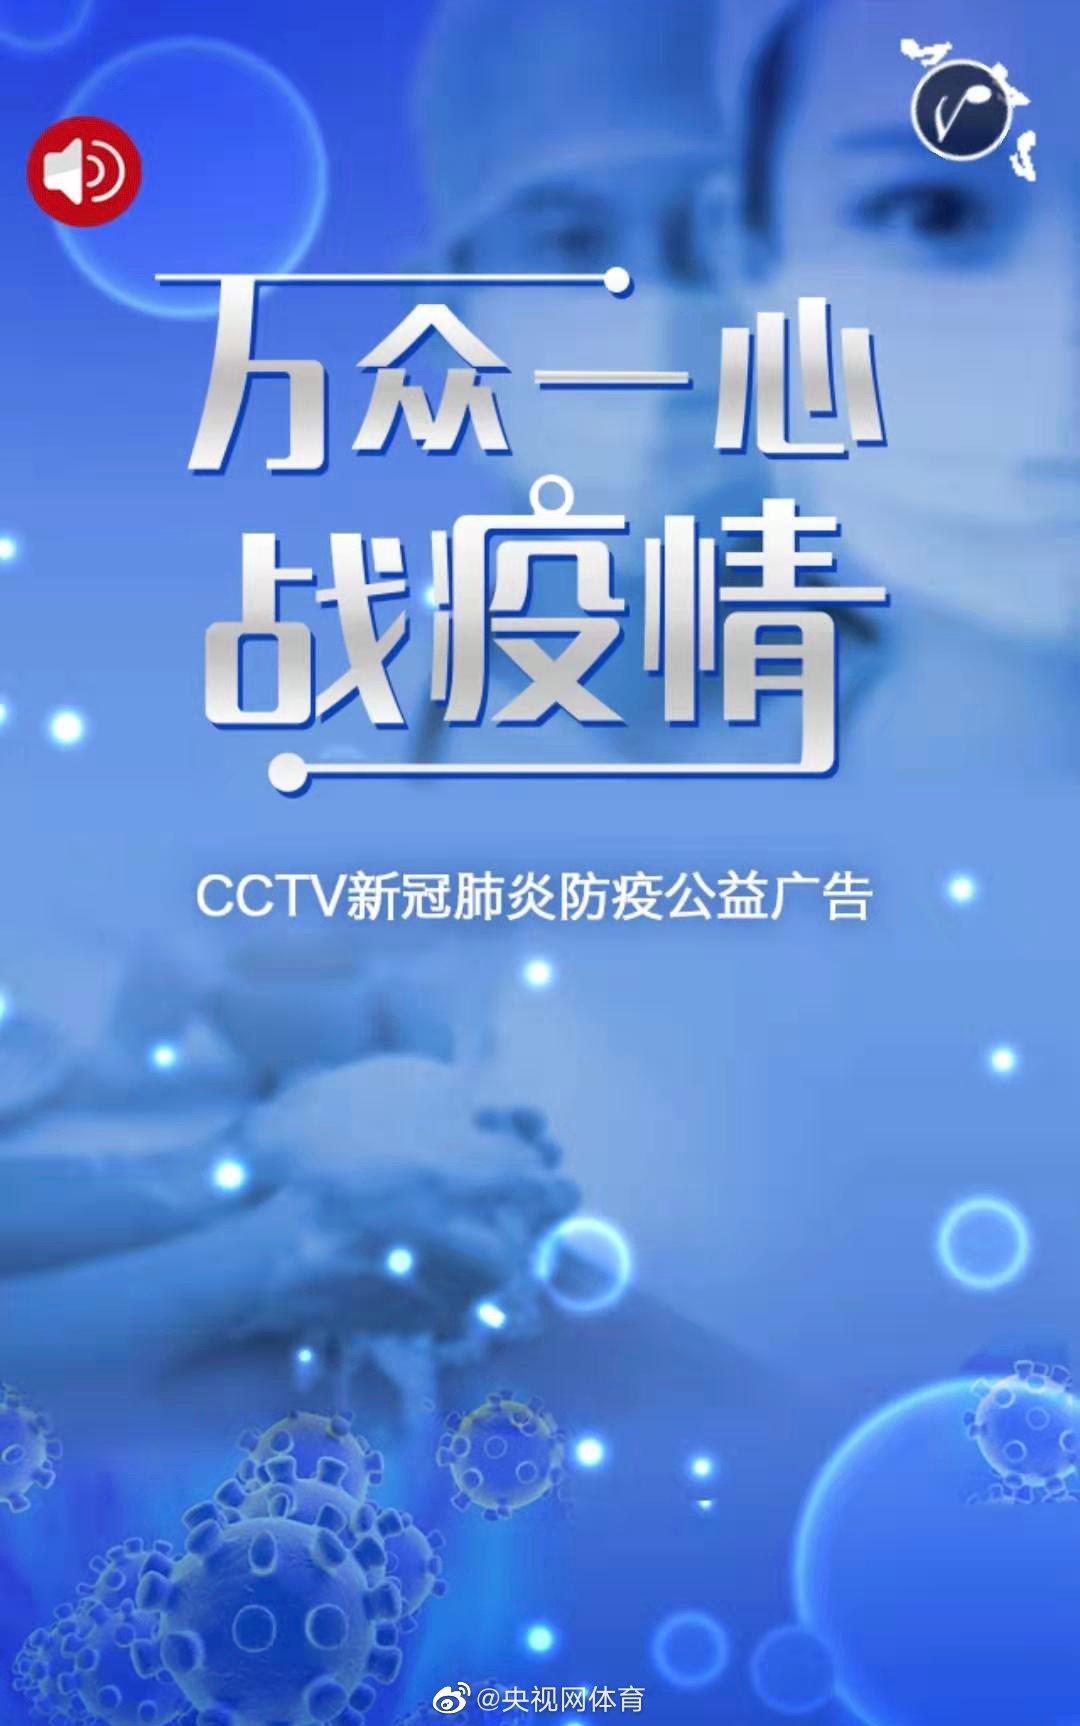 万众一心战疫情 中央广播电视总台推出多支公益广告片